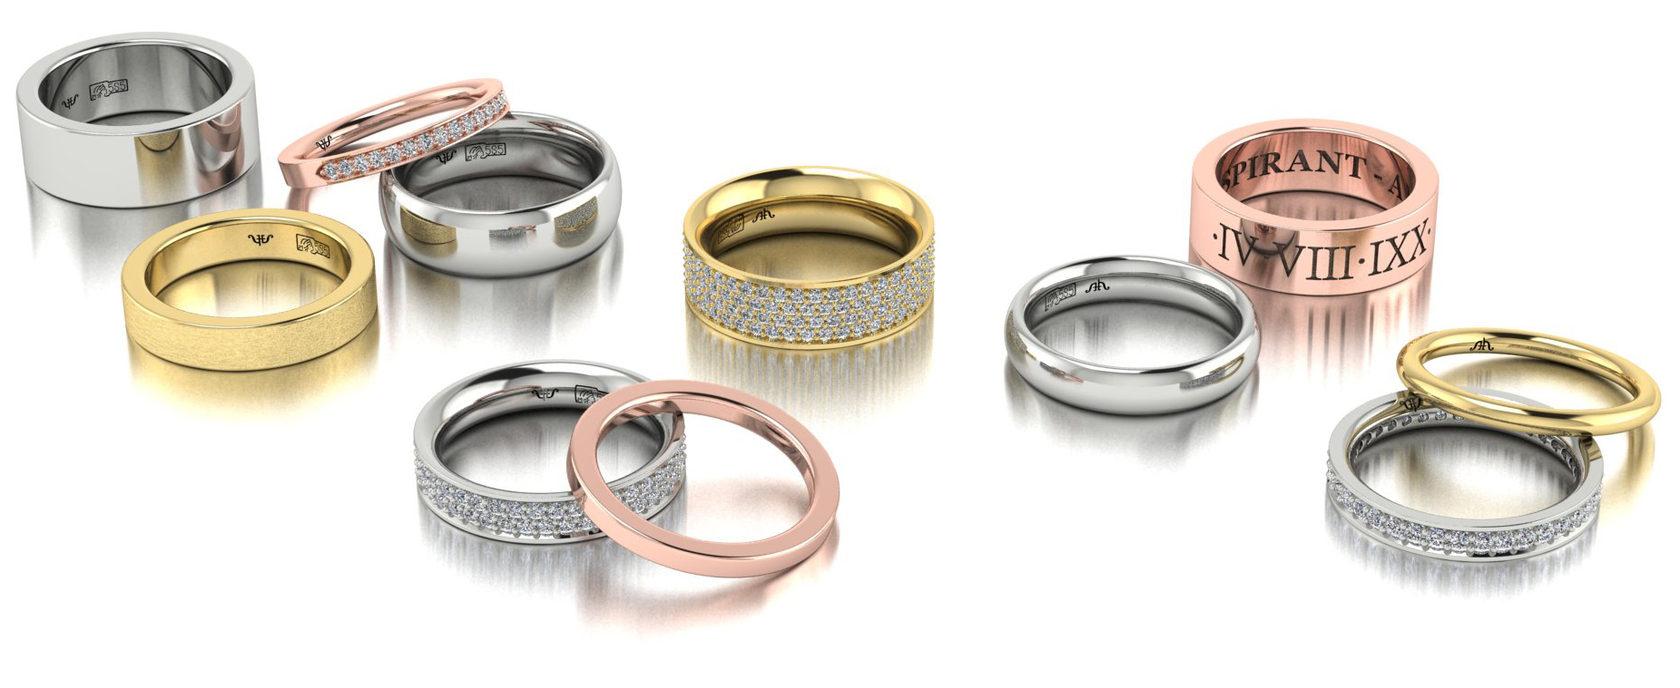 Купить классические обручальные кольца от производителя